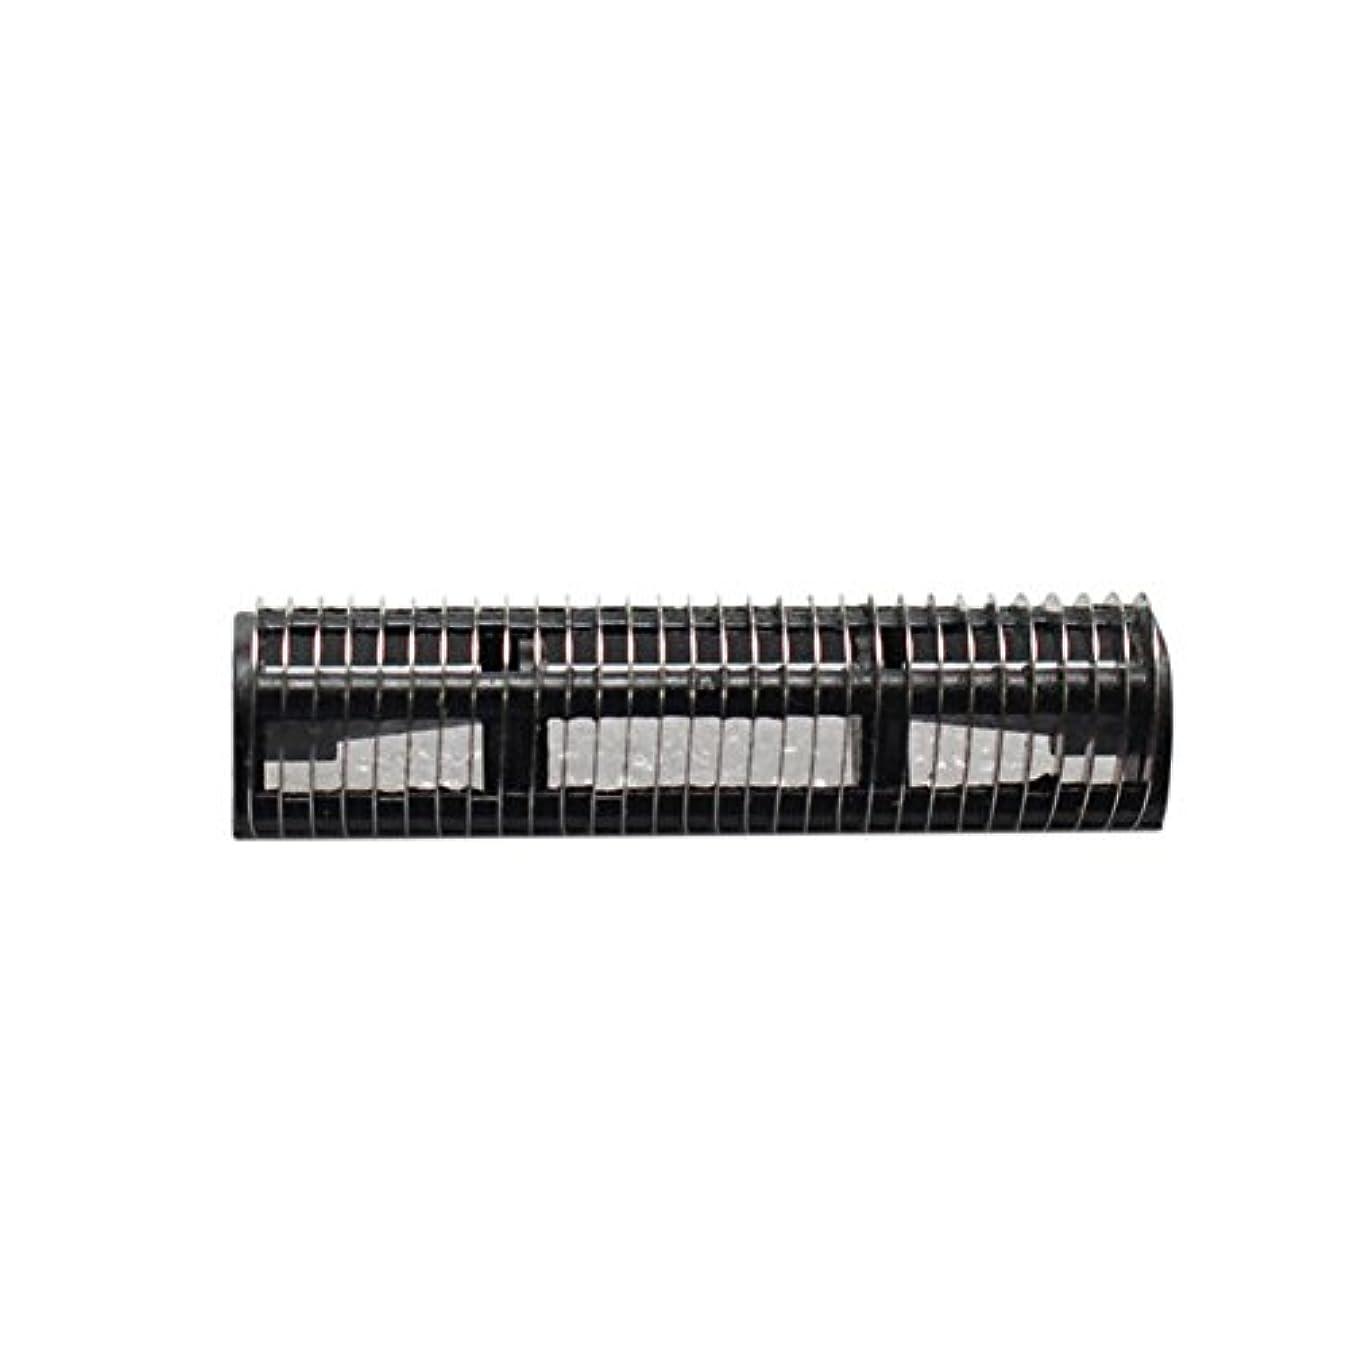 拡散する報いるスロープHZjundasi Replacement シェーバー 刃 for Braun 5S/614/3000 Model BS575 3610 P10 555